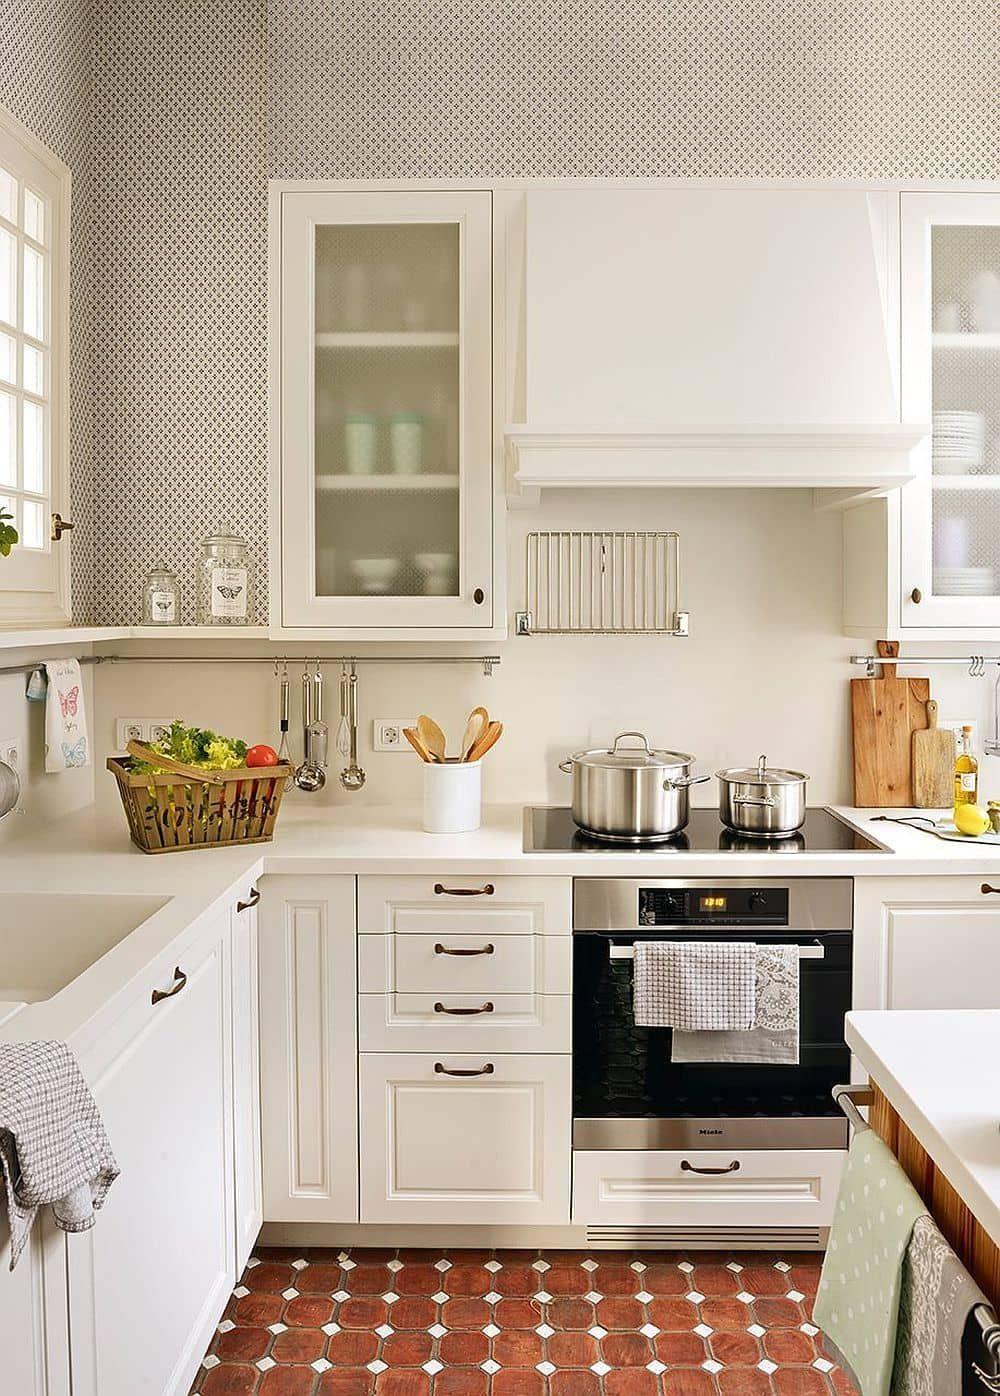 Cocina peque a moderna en color blanco si tu cocina est for Cocinas muy pequenas modernas